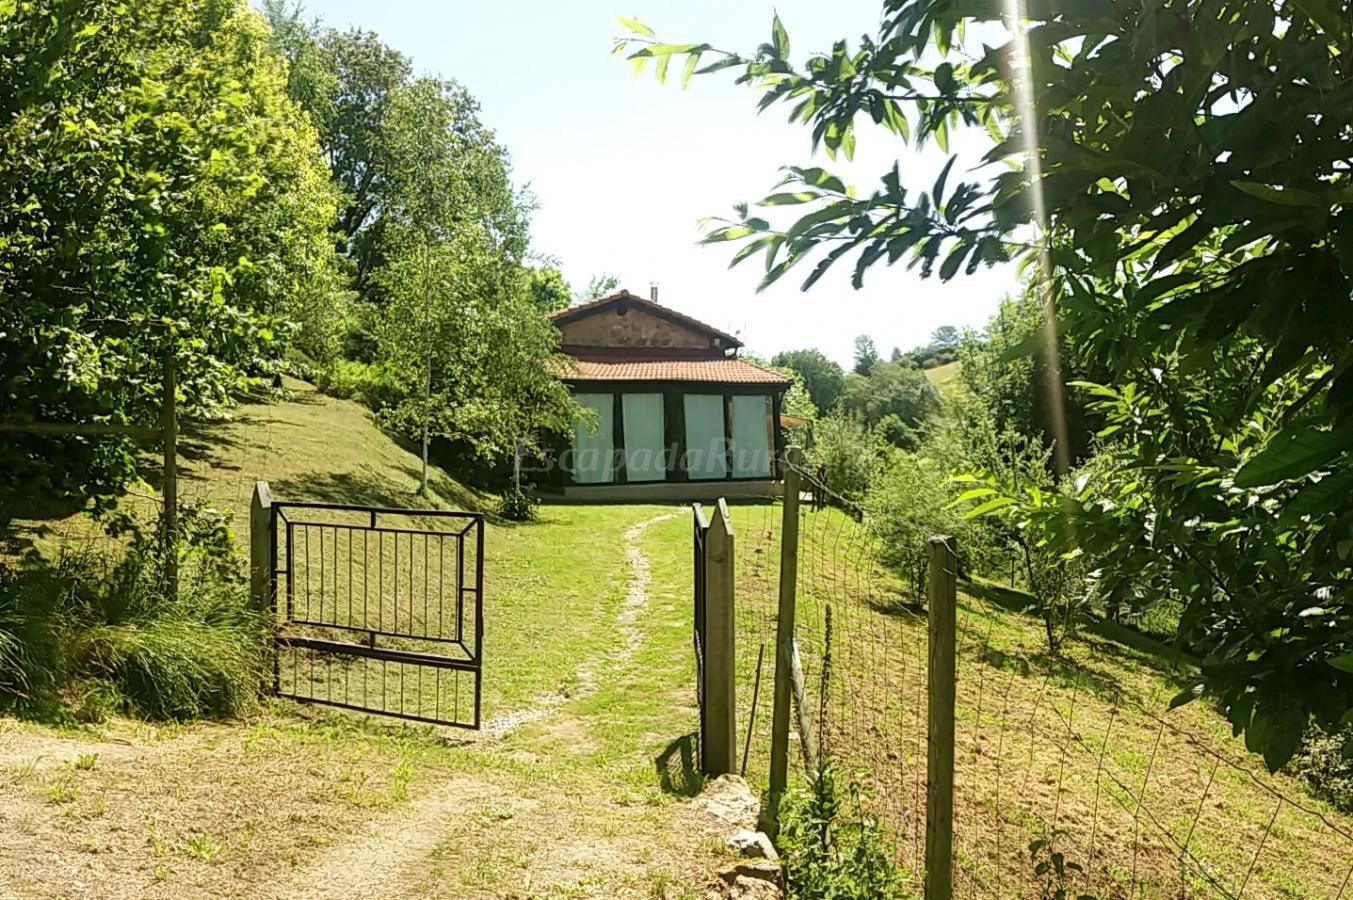 Fotos de senderhito casa de campo em riotuerto cantabria - Casas de campo en cantabria ...